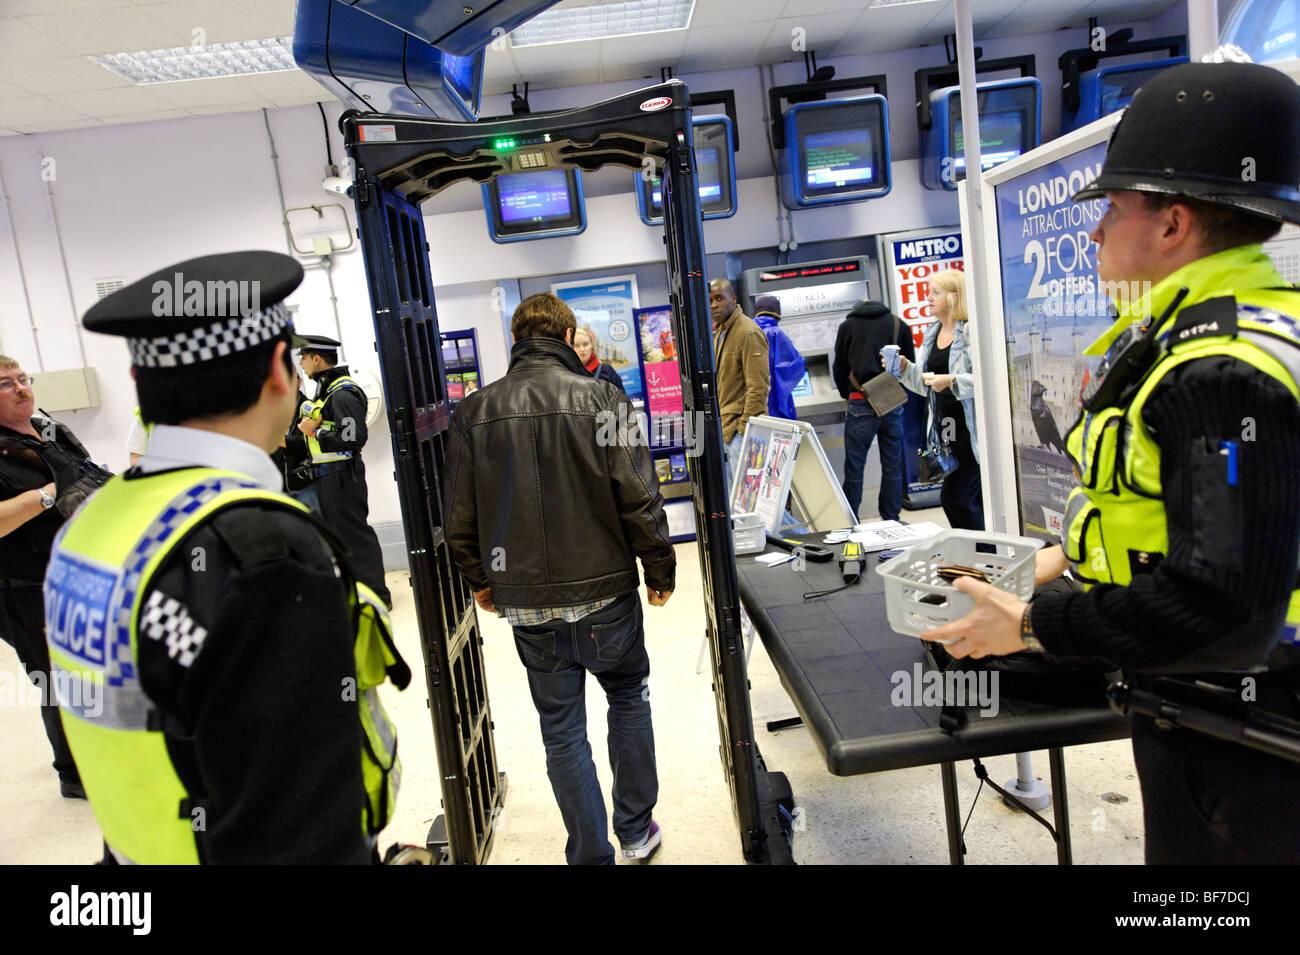 British Transport Police usando il coltello 'arch' rivelatore durante la routine di servizio di polizia Immagini Stock